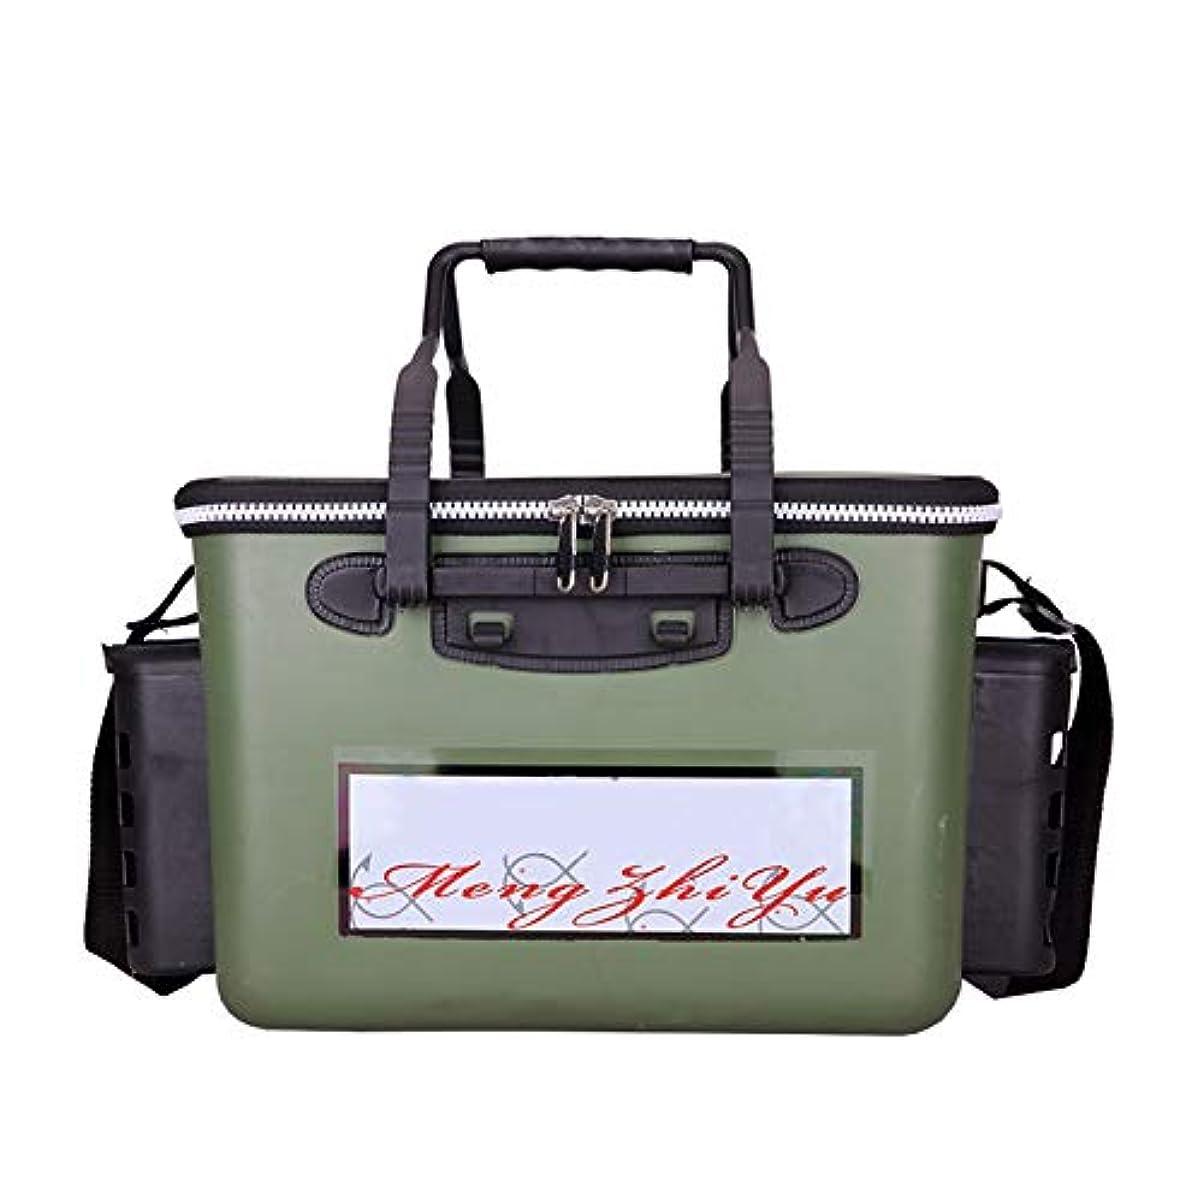 バケット悪魔十Peacefre 釣り用バケツ - 屋外用釣り道具 - ポータブル28L水容器保管管理キットには雑貨一式 - シザーバッグ - 4本の釣り竿